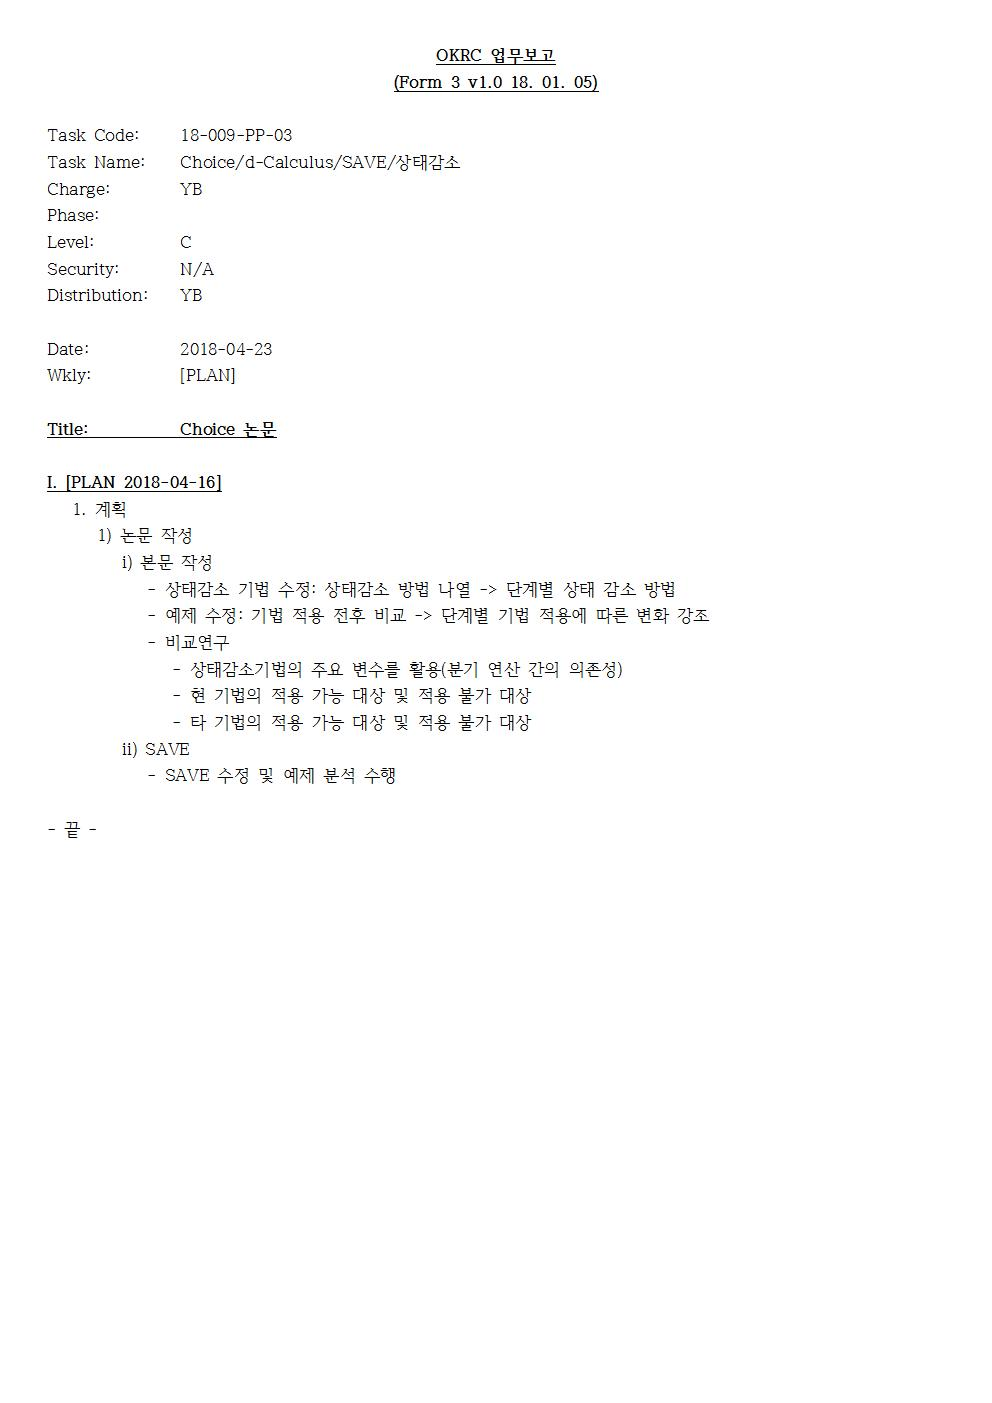 D-[18-009-PP-03]-[Choice]-[2018-04-23][YB]001.jpg